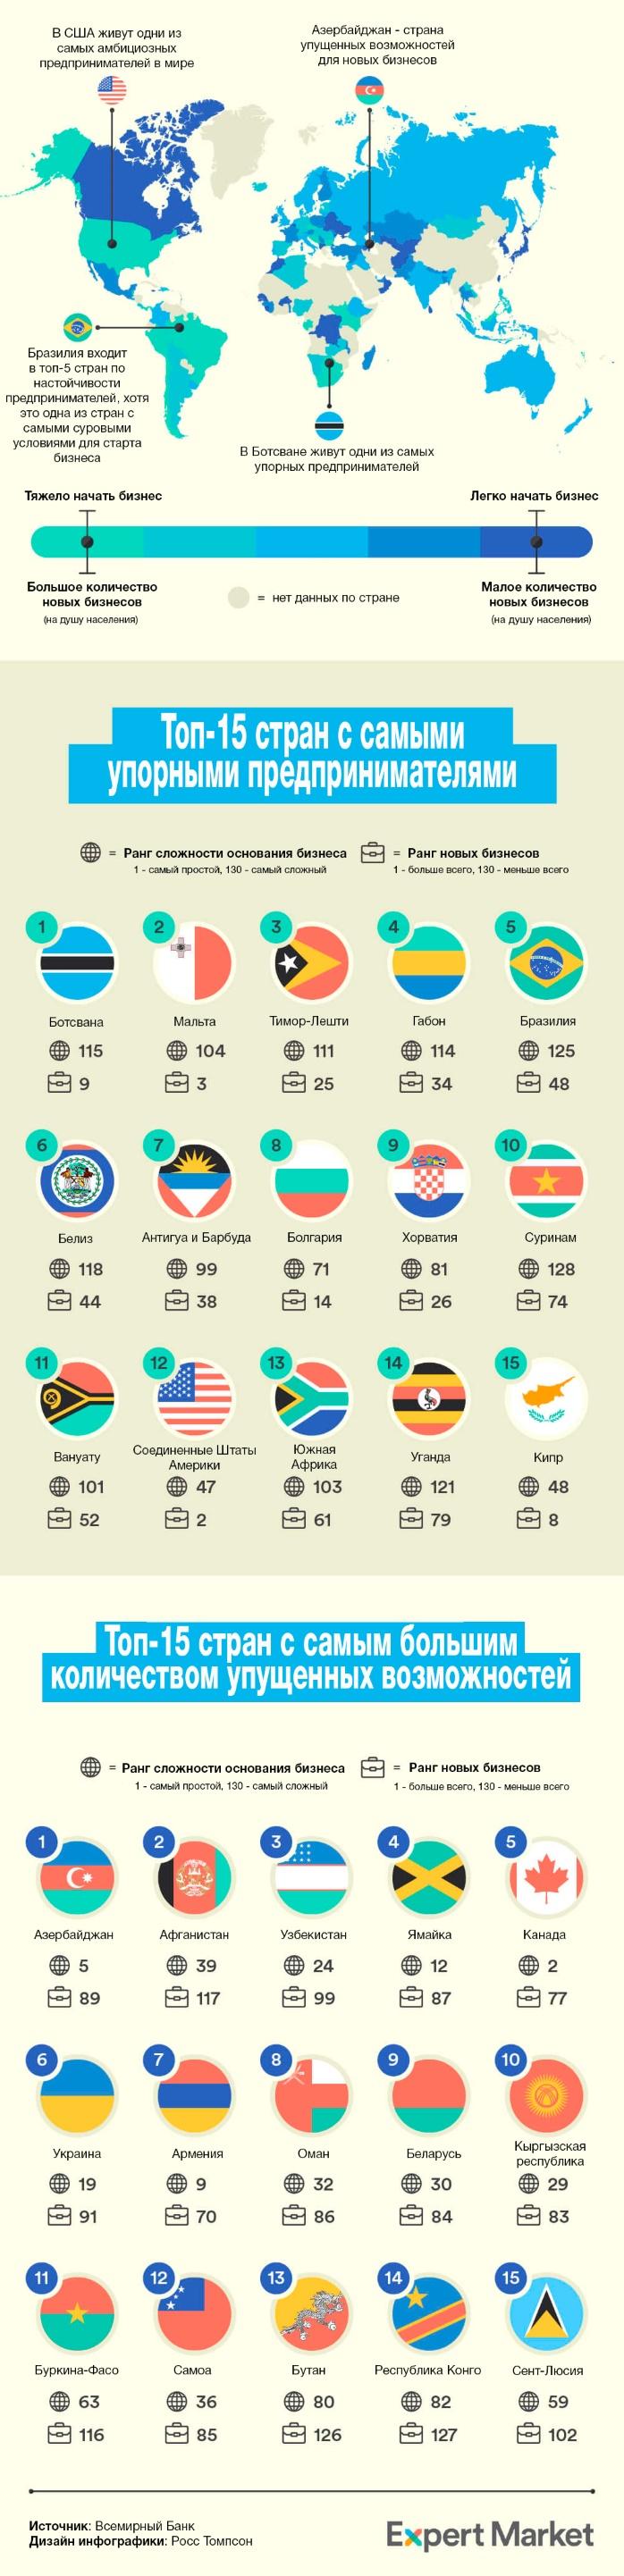 Сравнение упорства предпринимателей в 130 странах (инфографика)